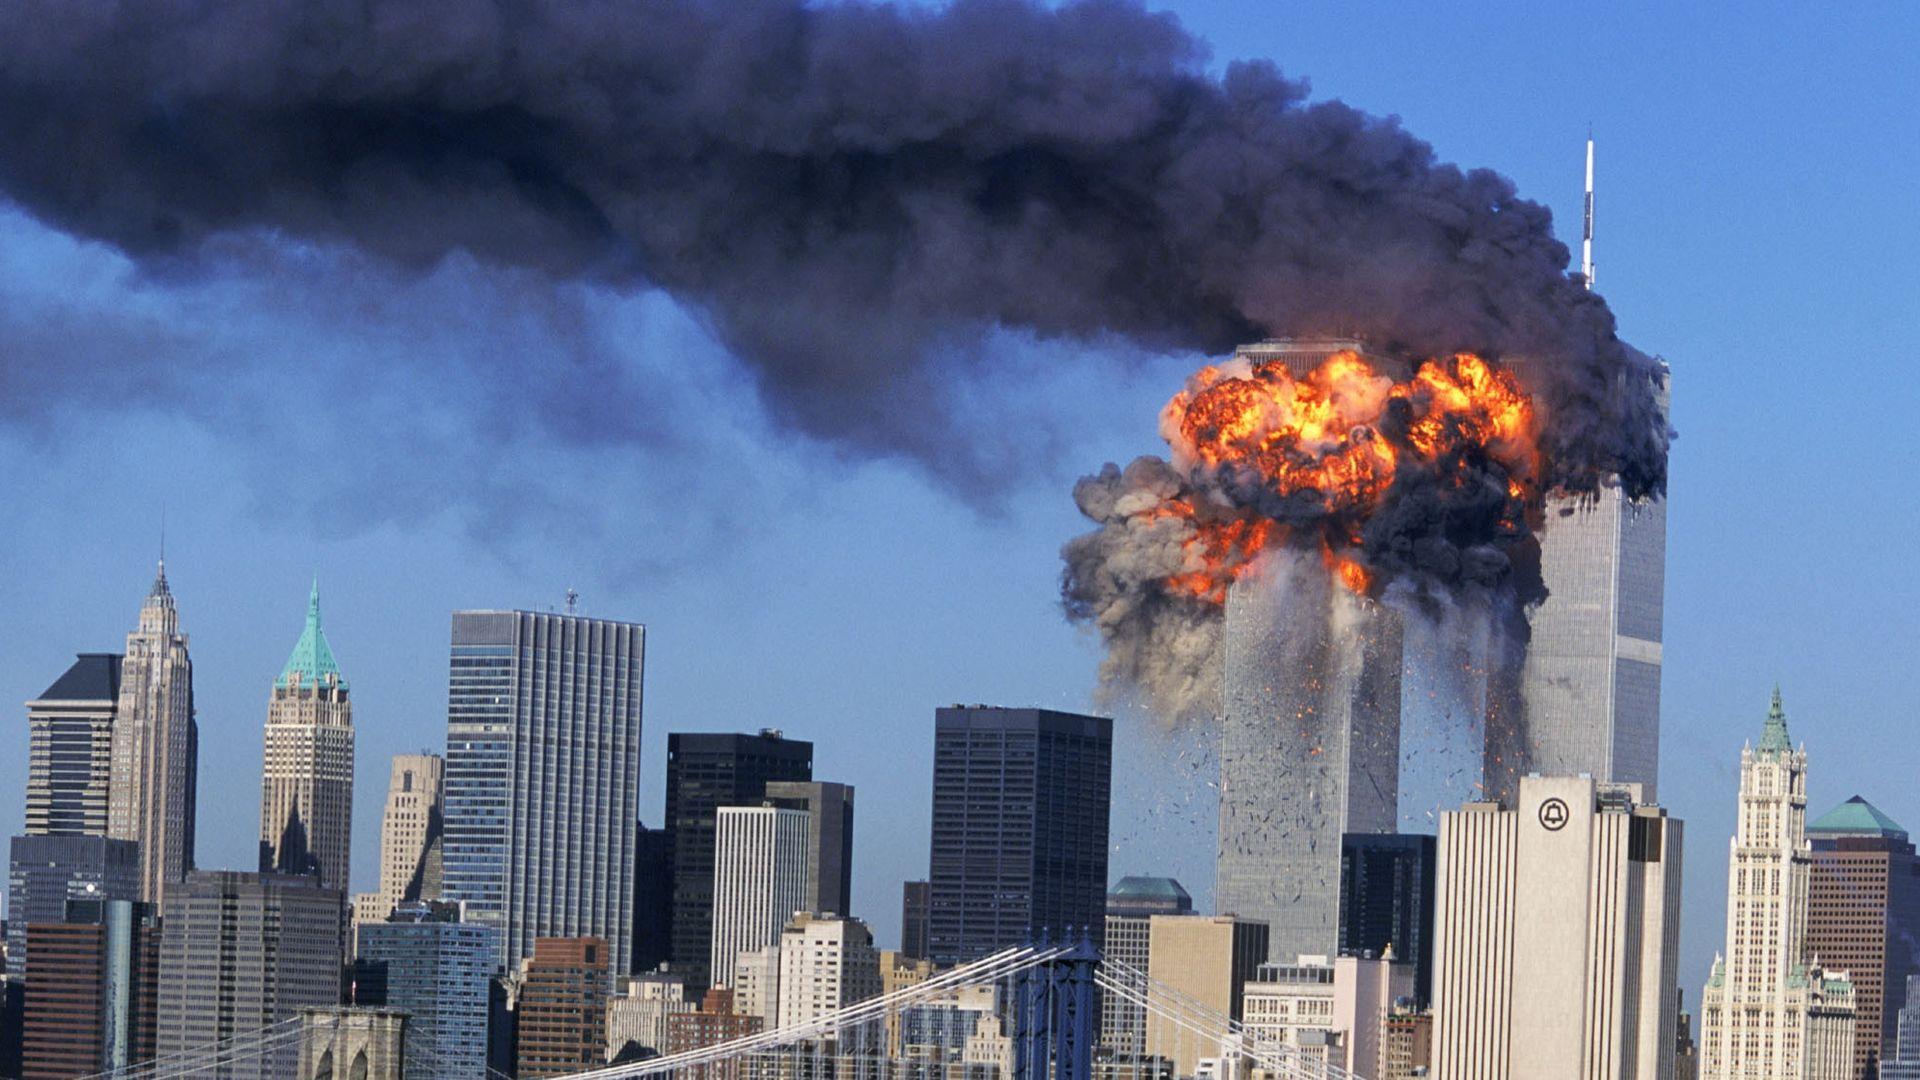 Ataque terrorista às Torres Gêmeas do World Trade Center, em 11 de setembro de 2001, em Nova York